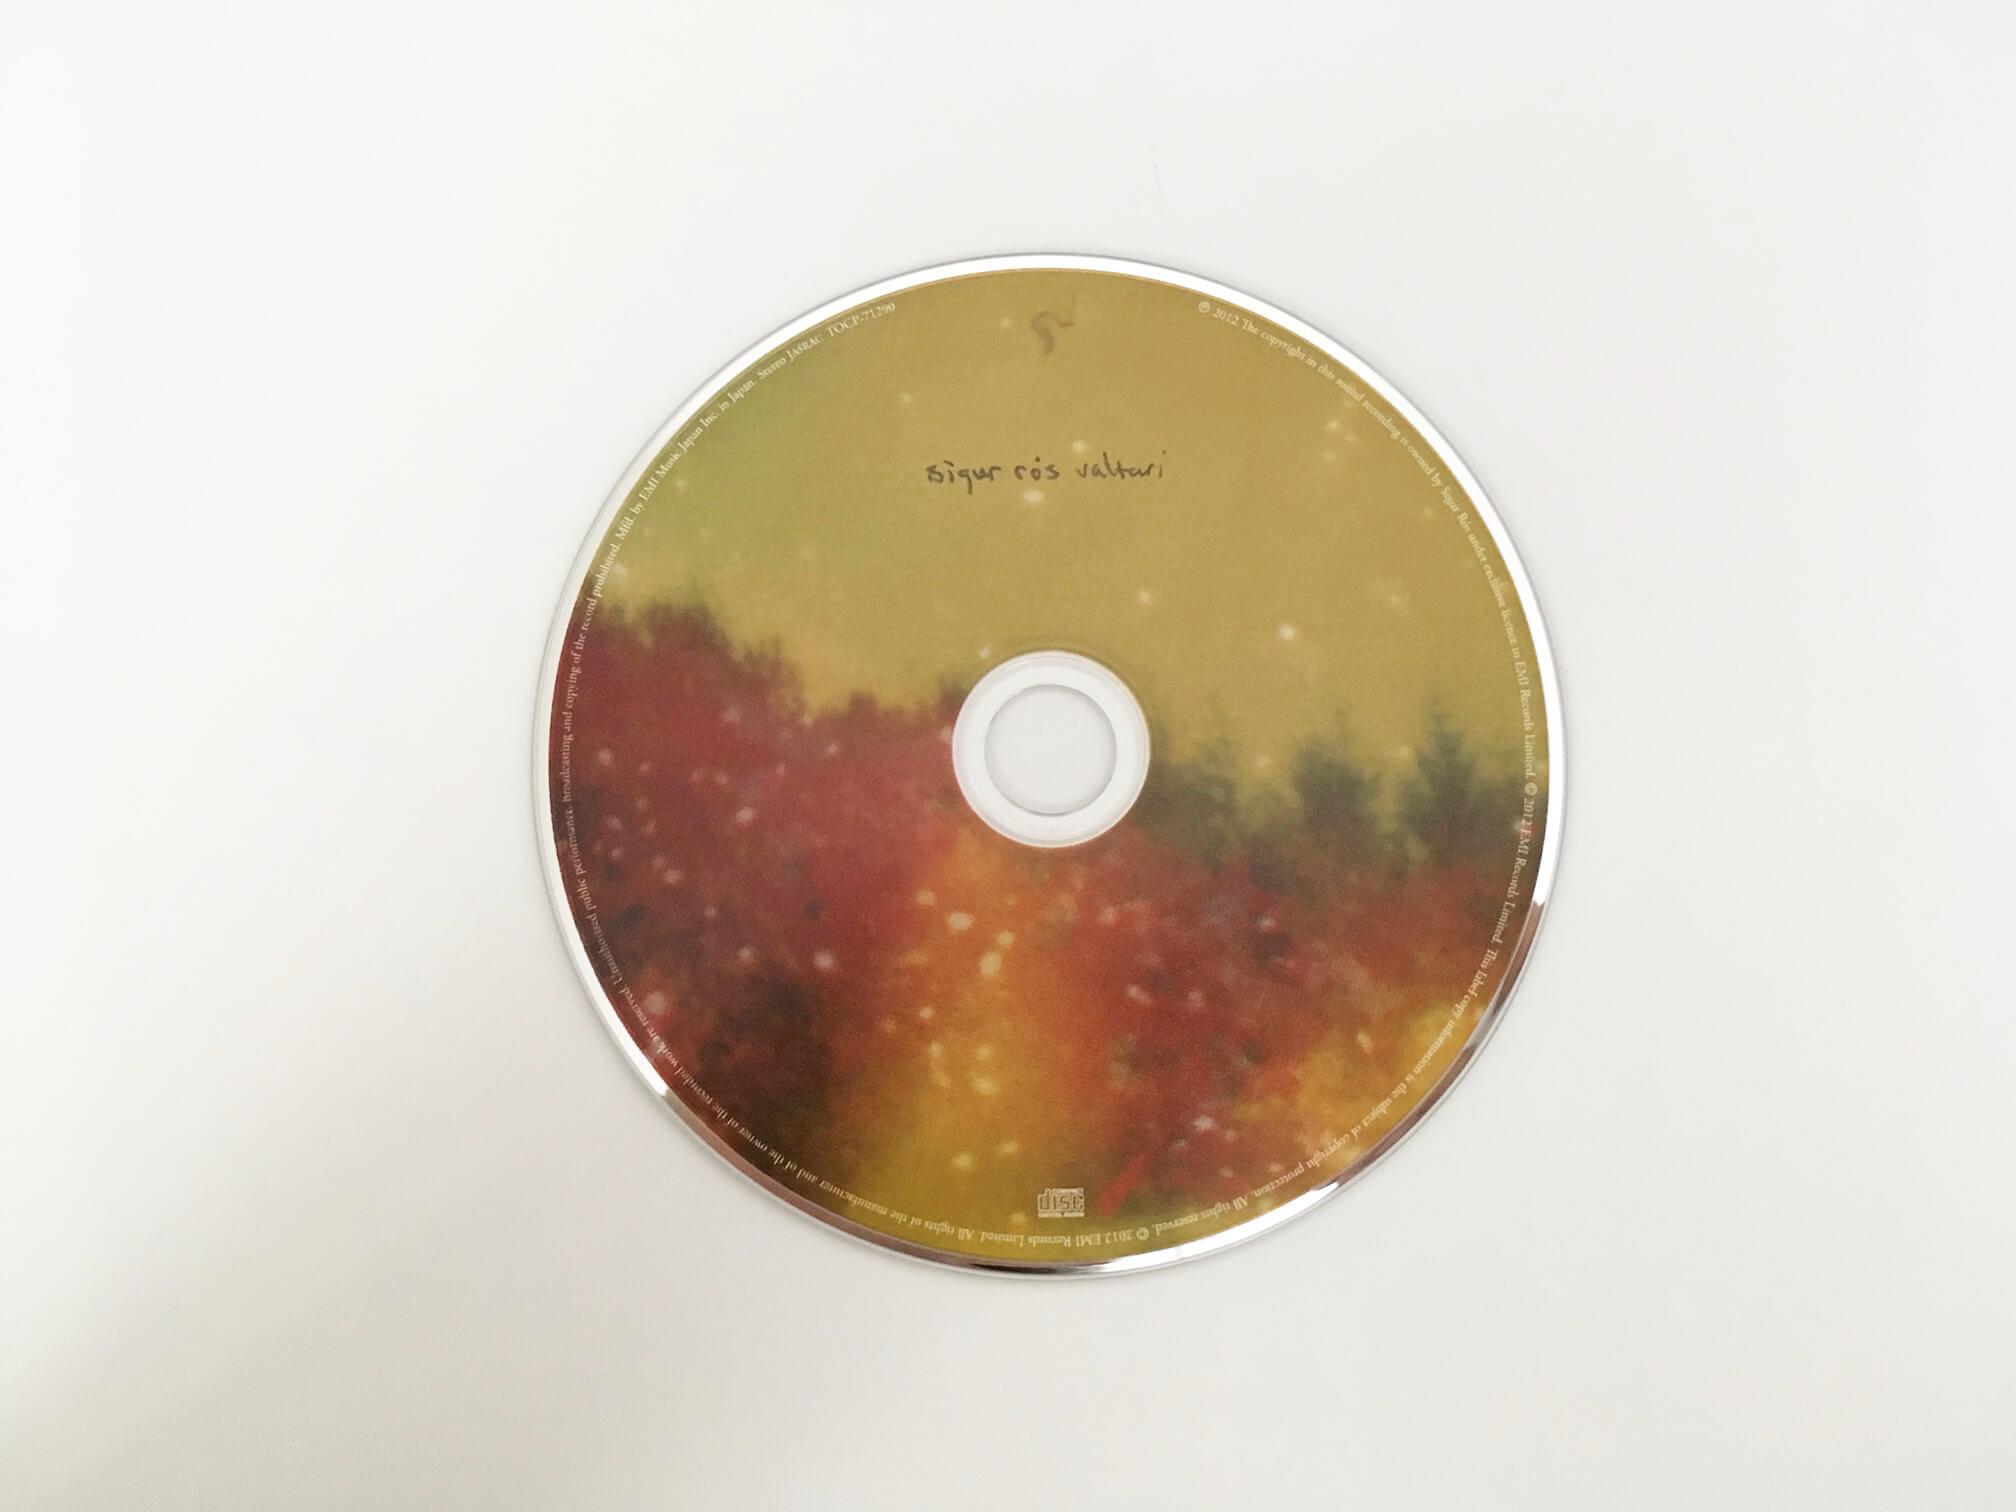 ゲイが率いるバンド『sigur rós』の音楽は、息を飲むほど美しい